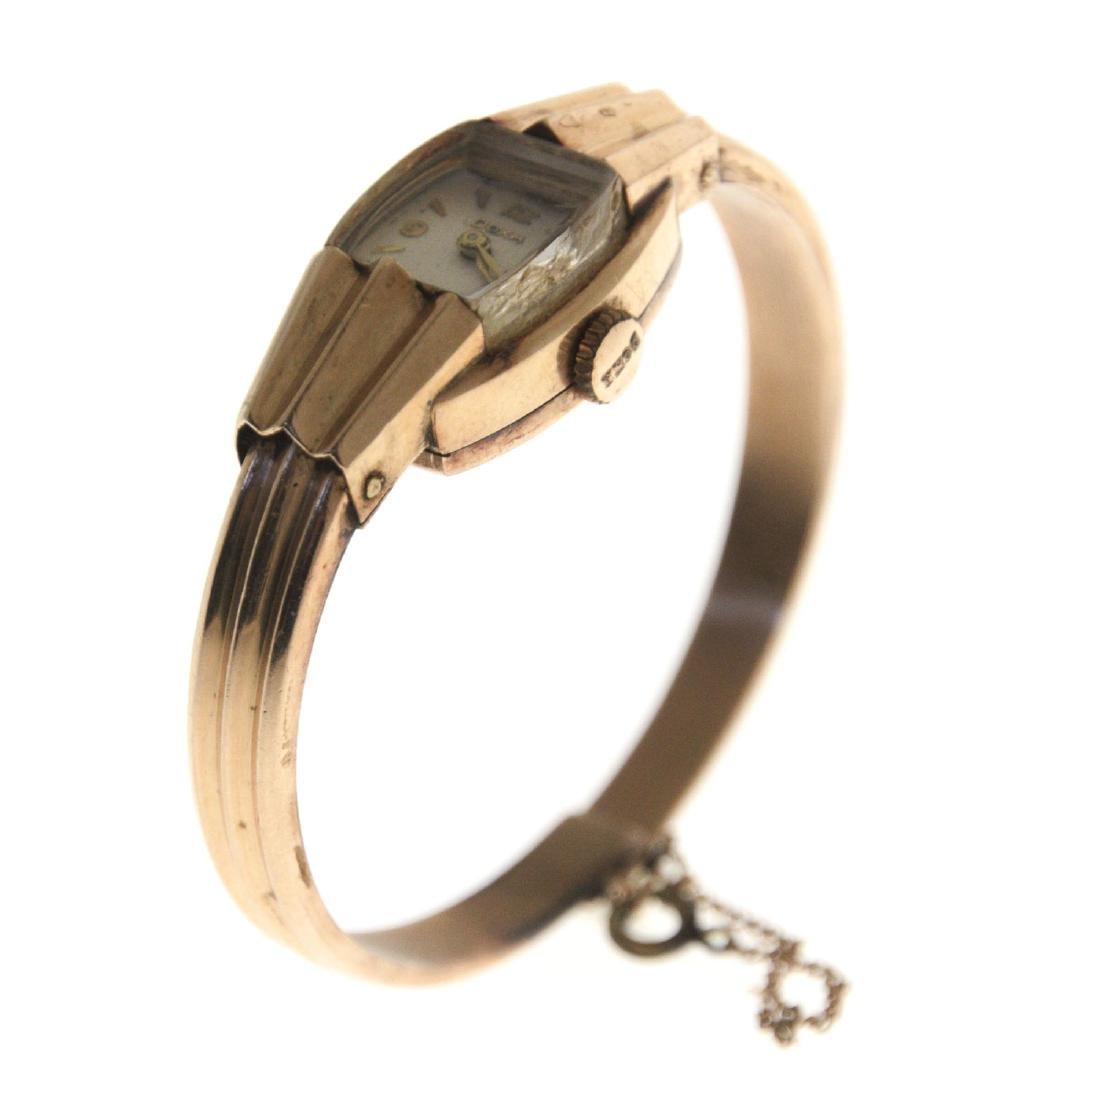 Doxa 14k Gold Lady's Wrist Watch.